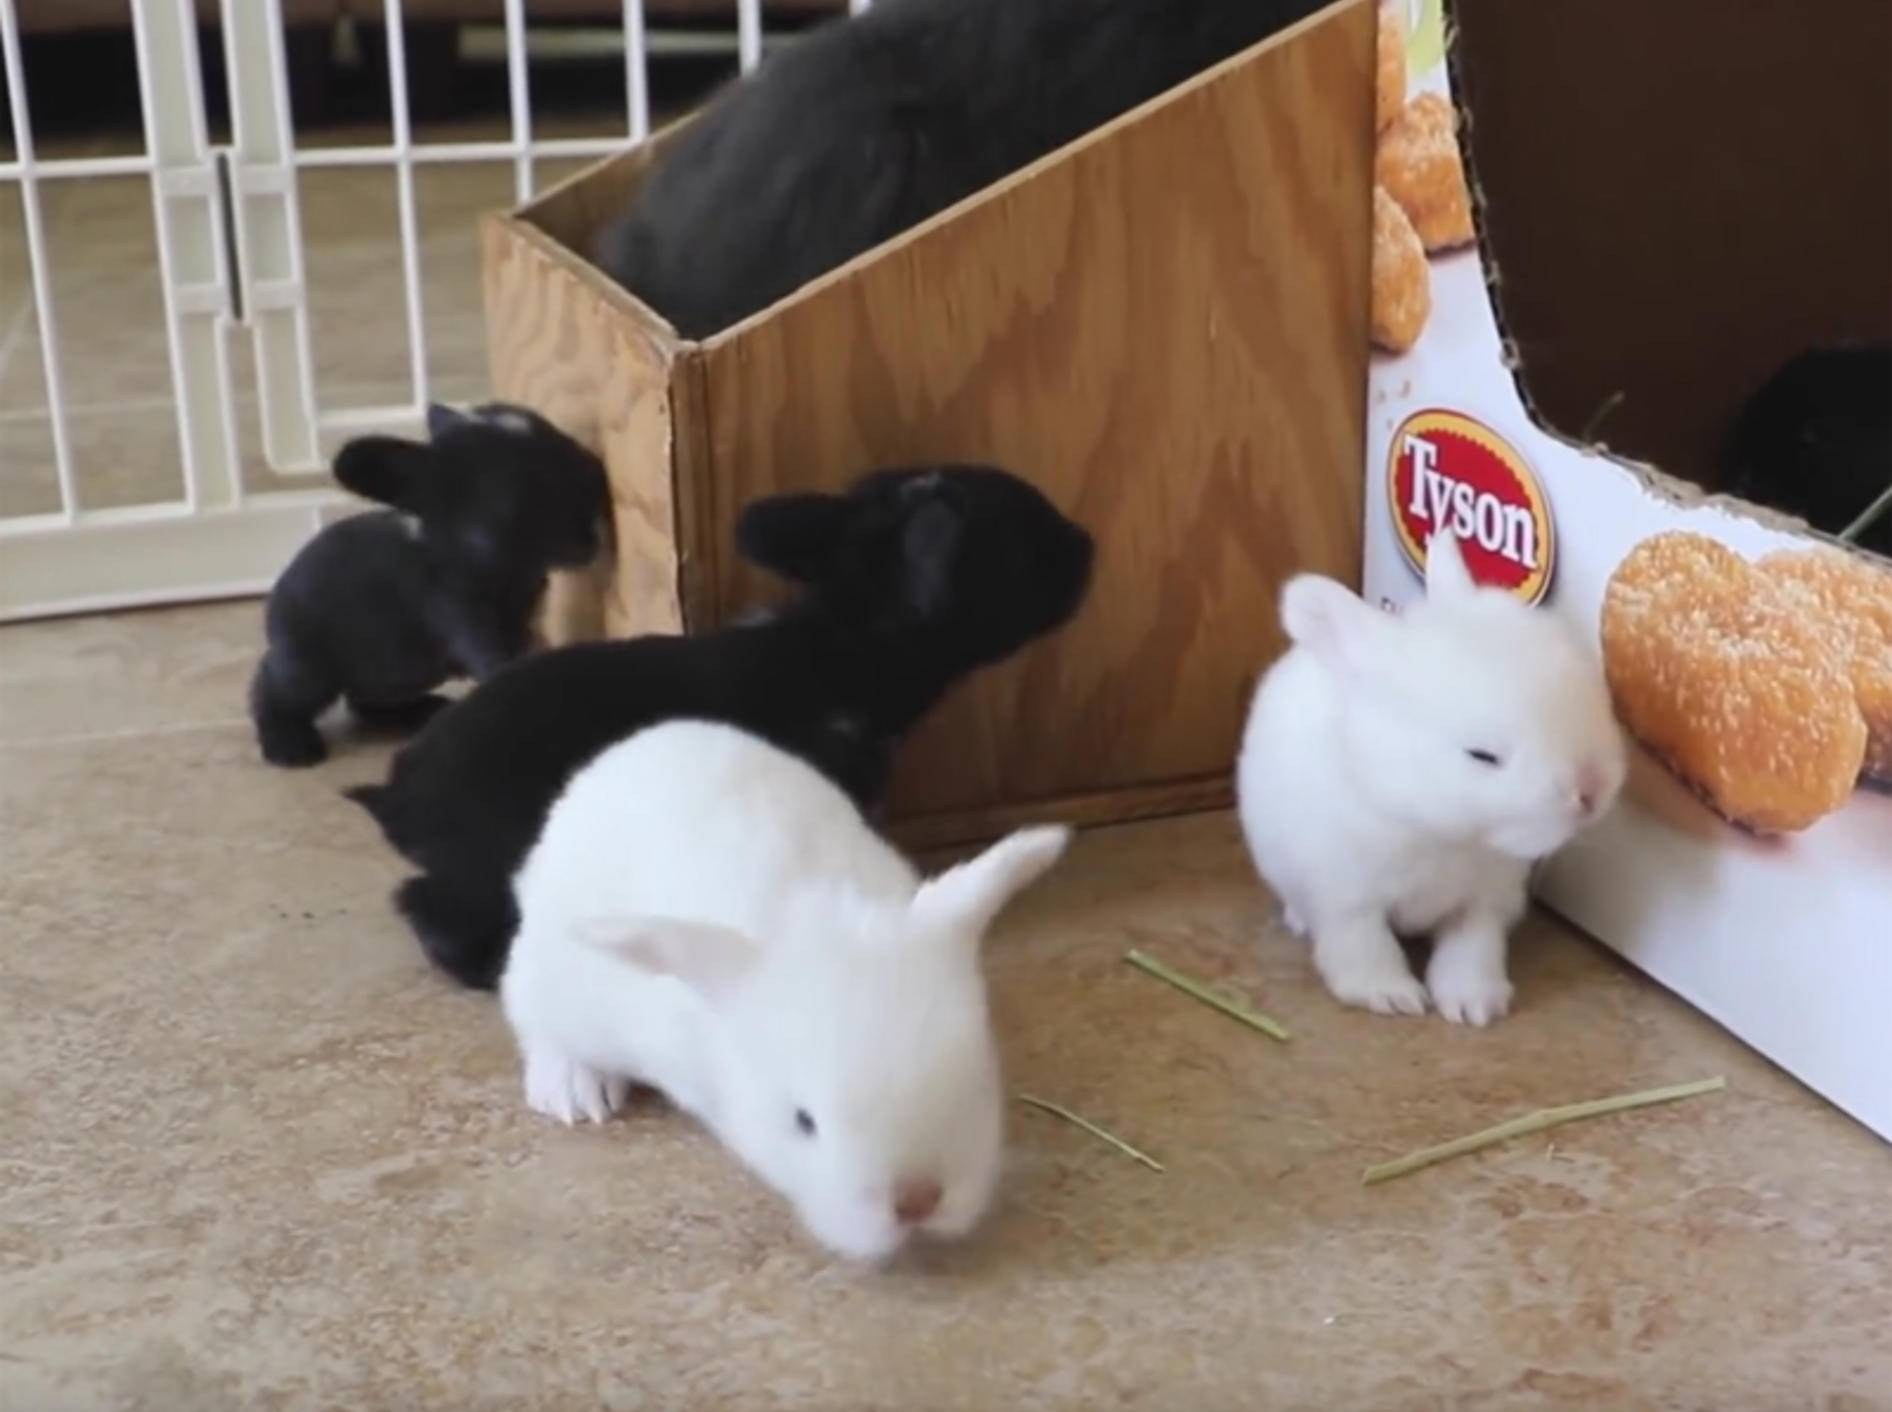 Tapsige Kaninchenbabys hoppeln durch ihren Stall – YouTube / My BB Bunny